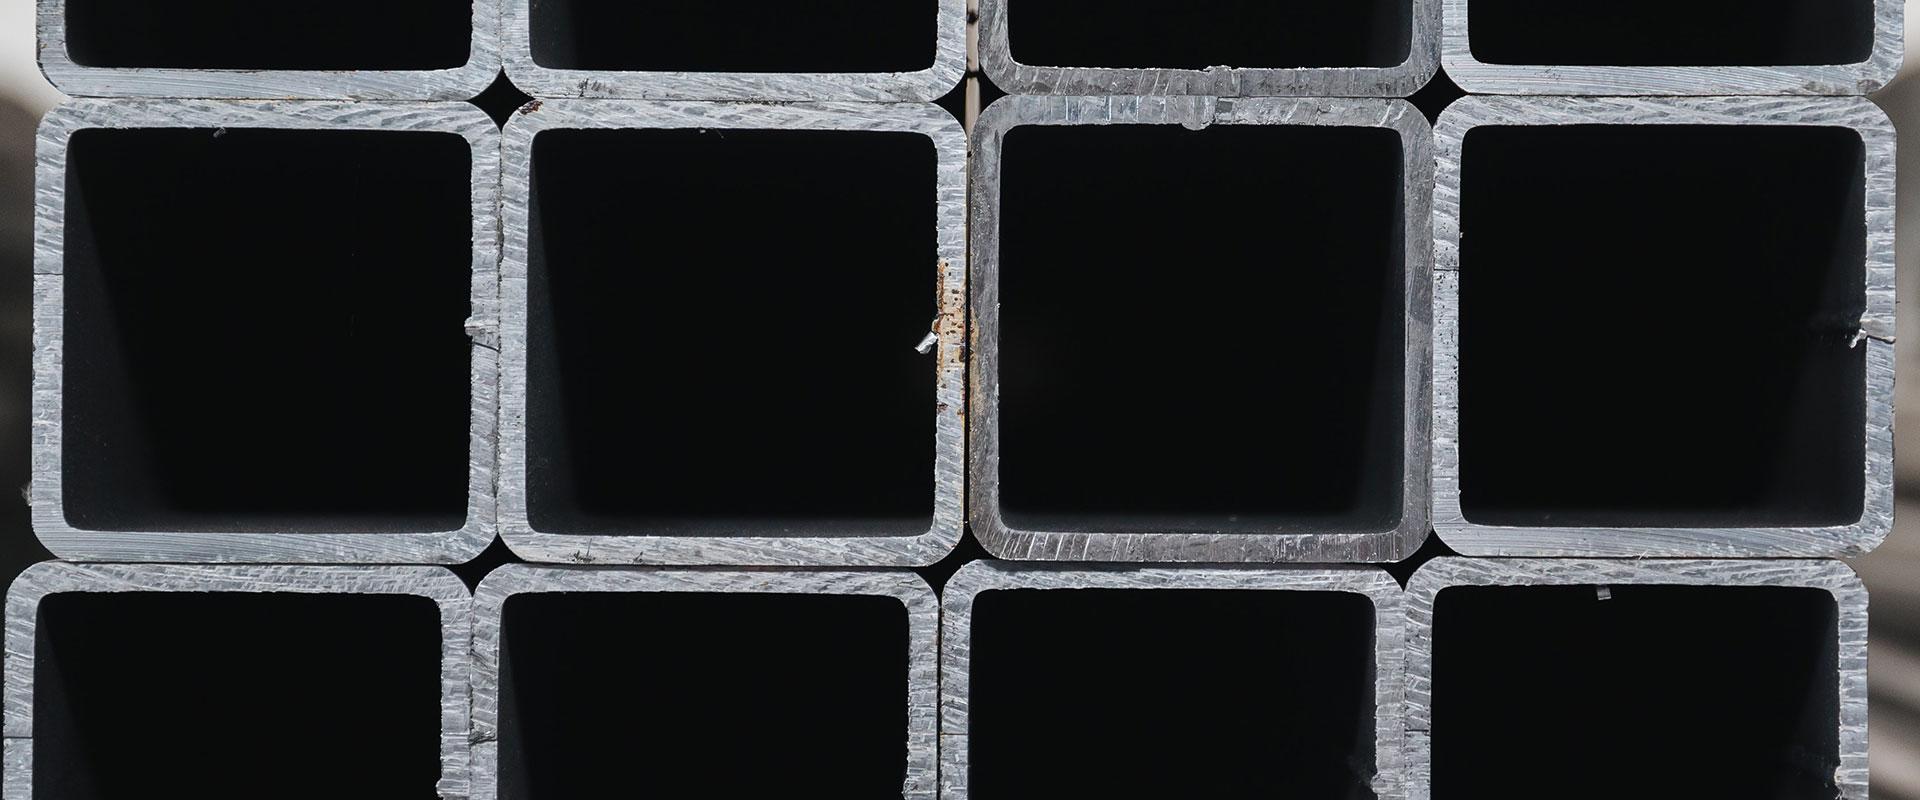 tubolari - tecnoacciai vendita acciaio inox, siderurgica, acciai per industria meccanica, impiantistica